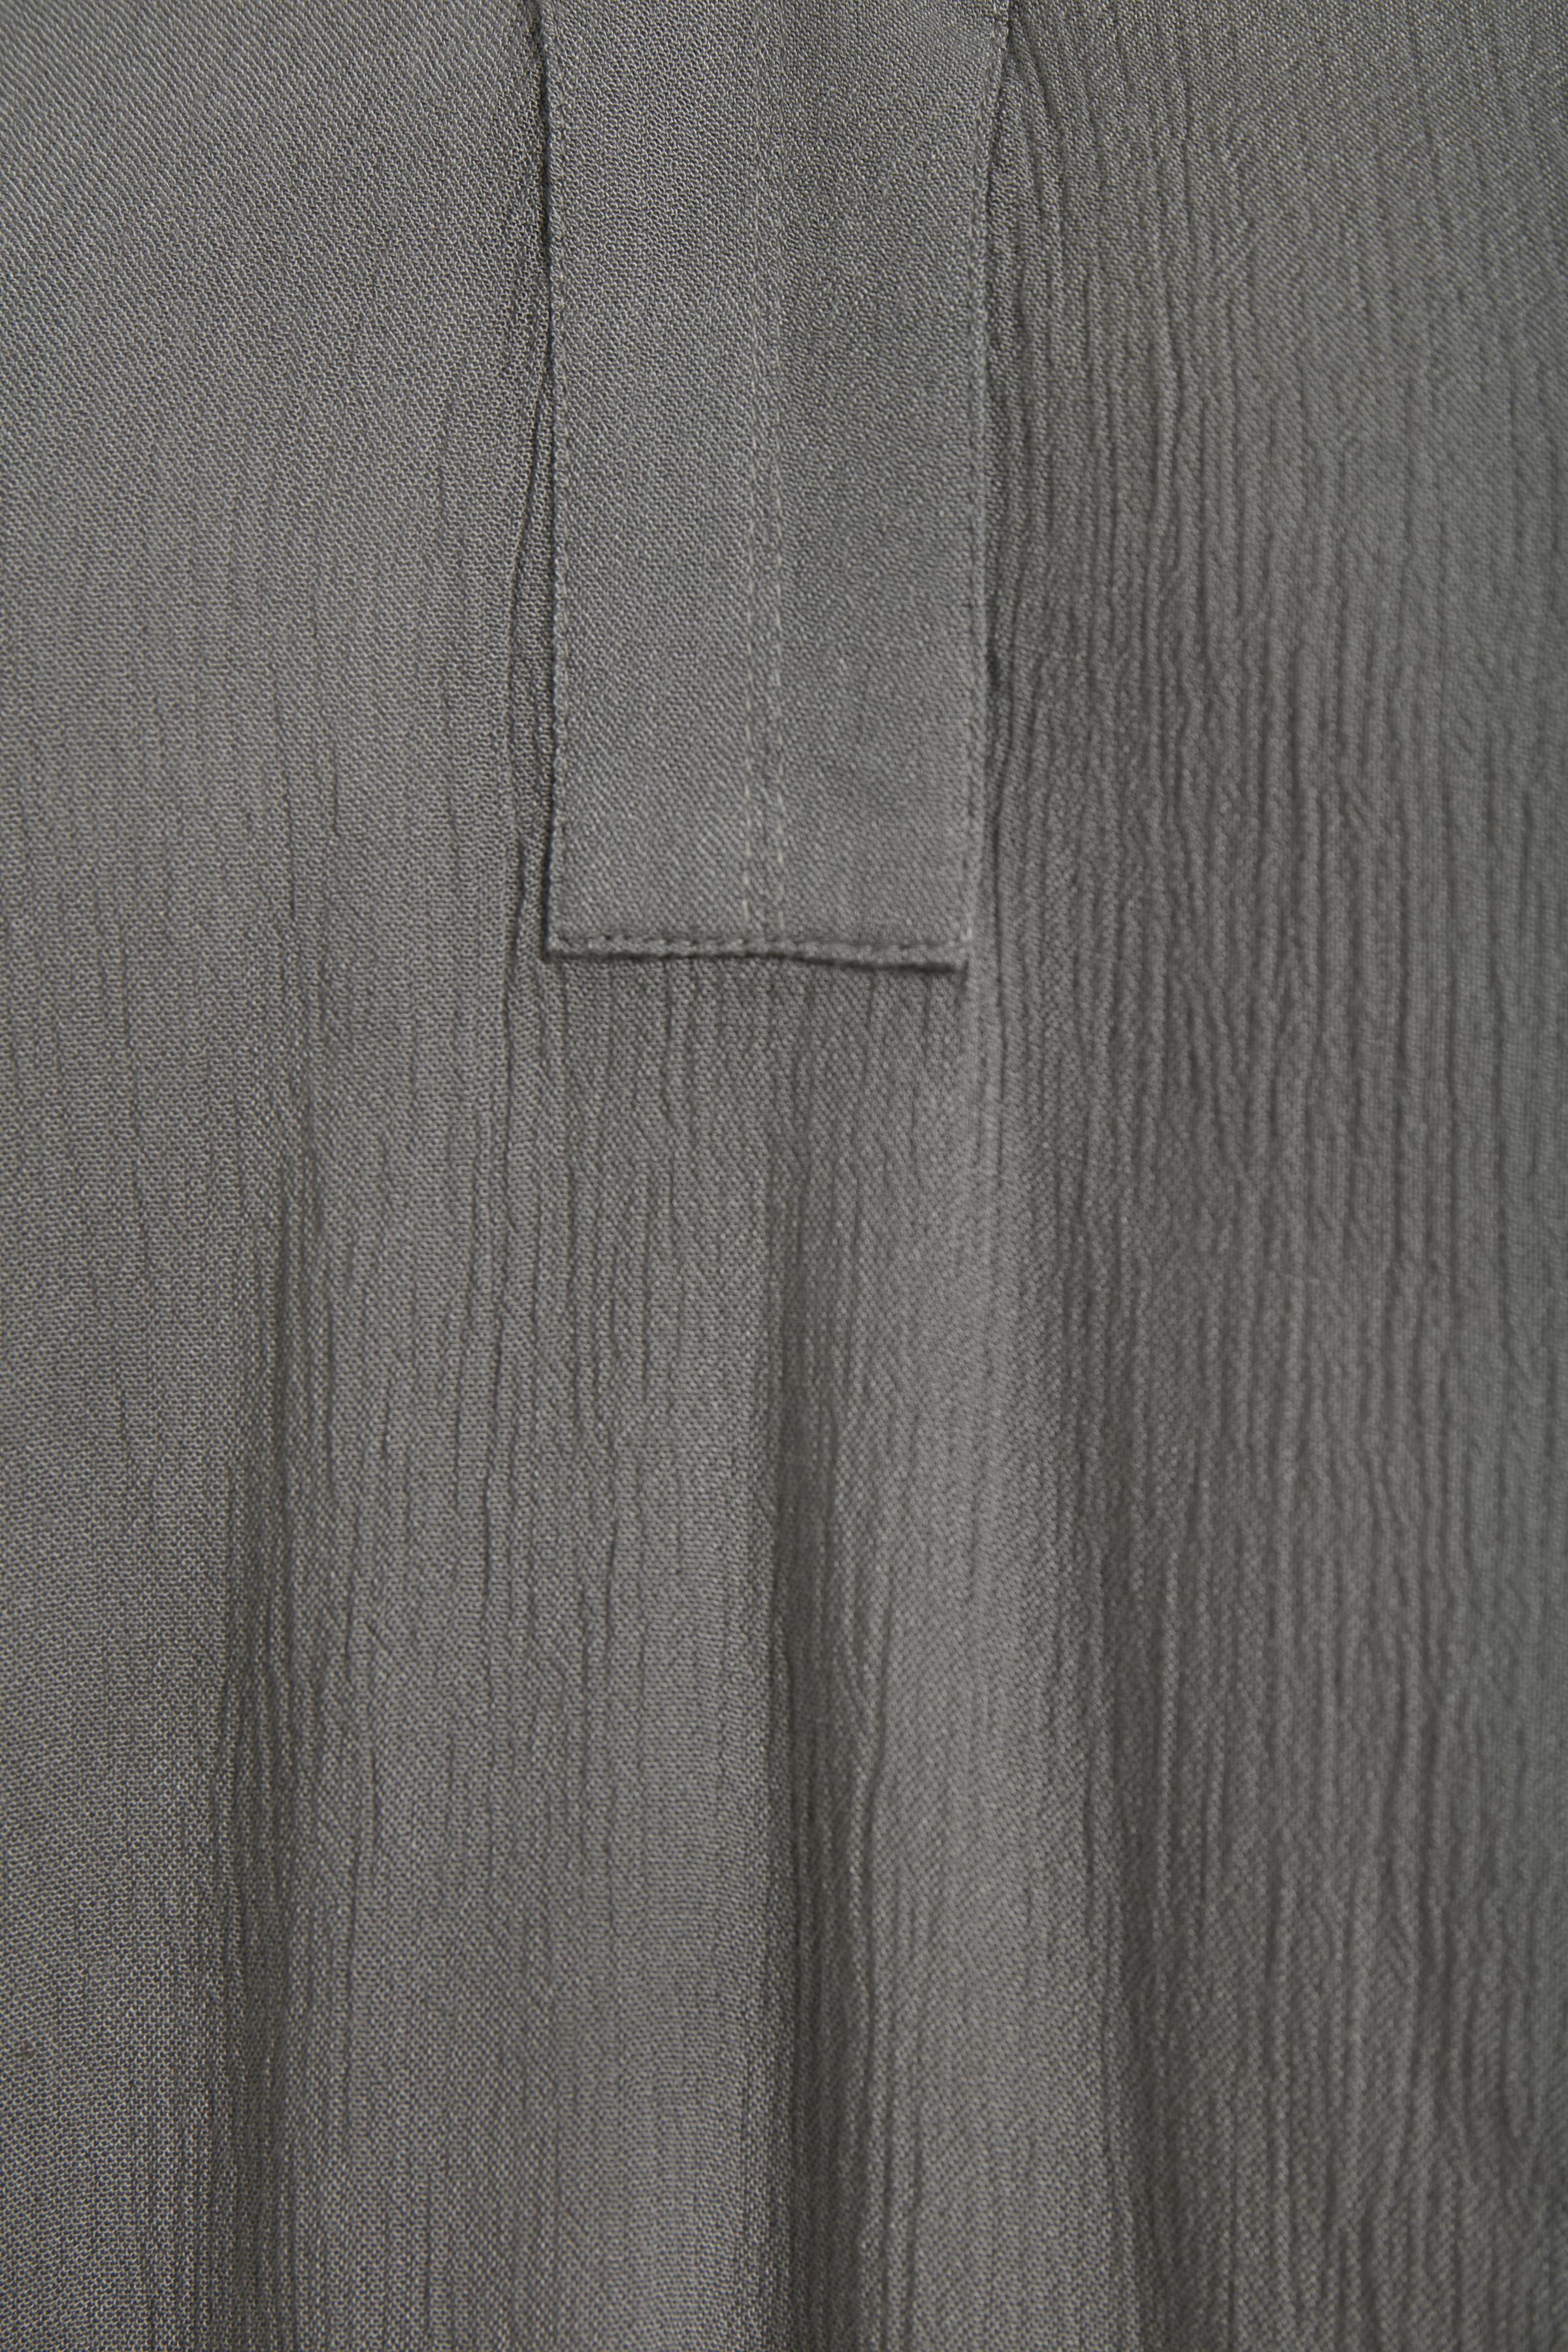 Ljusgrå Tunika från Kaffe – Köp Ljusgrå Tunika från stl. 34-46 här